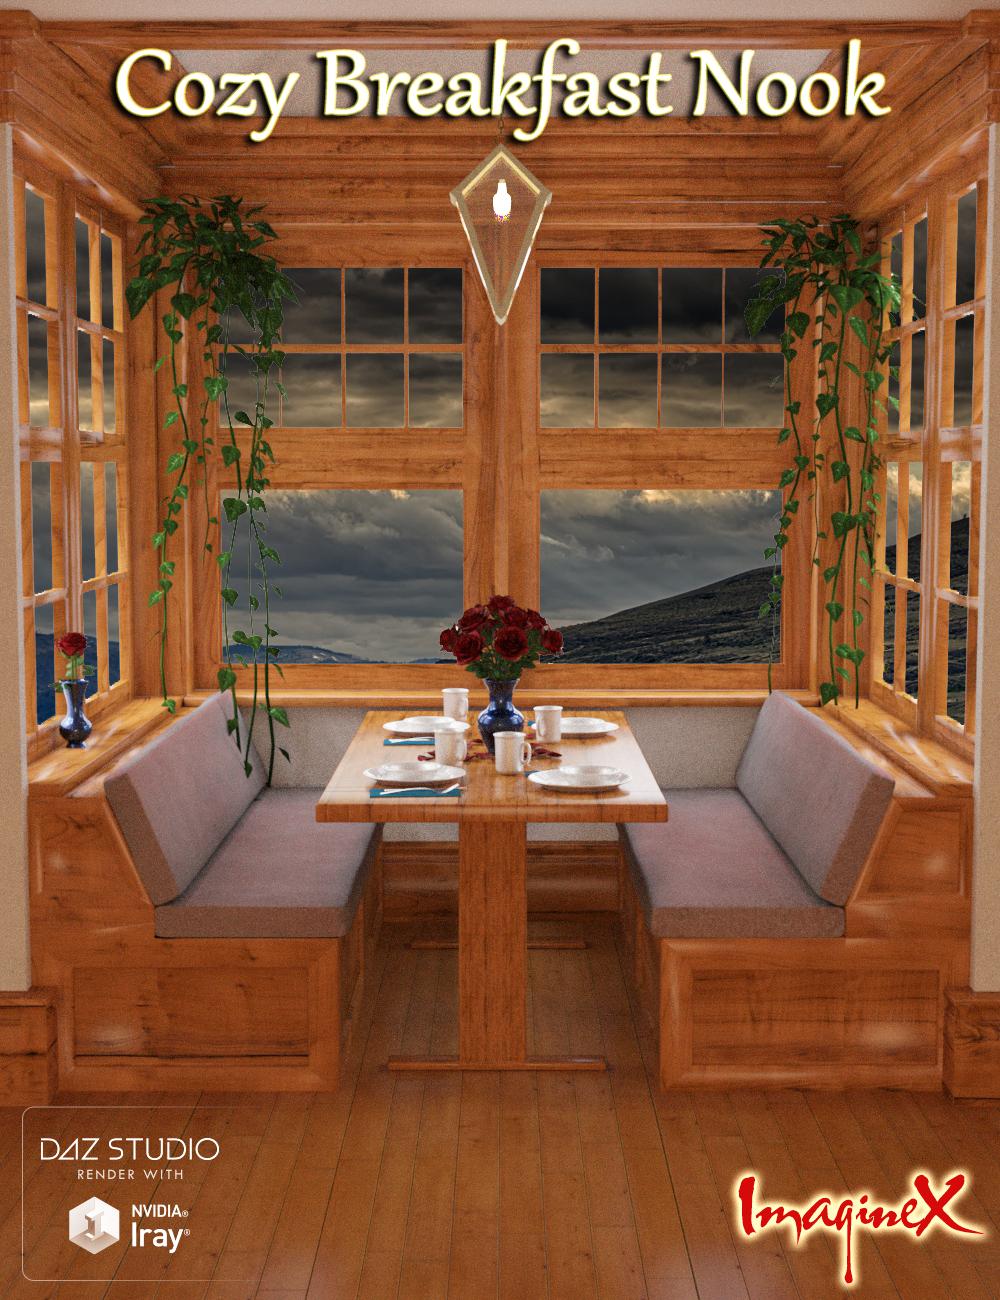 Cozy Breakfast Nook by: ImagineX, 3D Models by Daz 3D